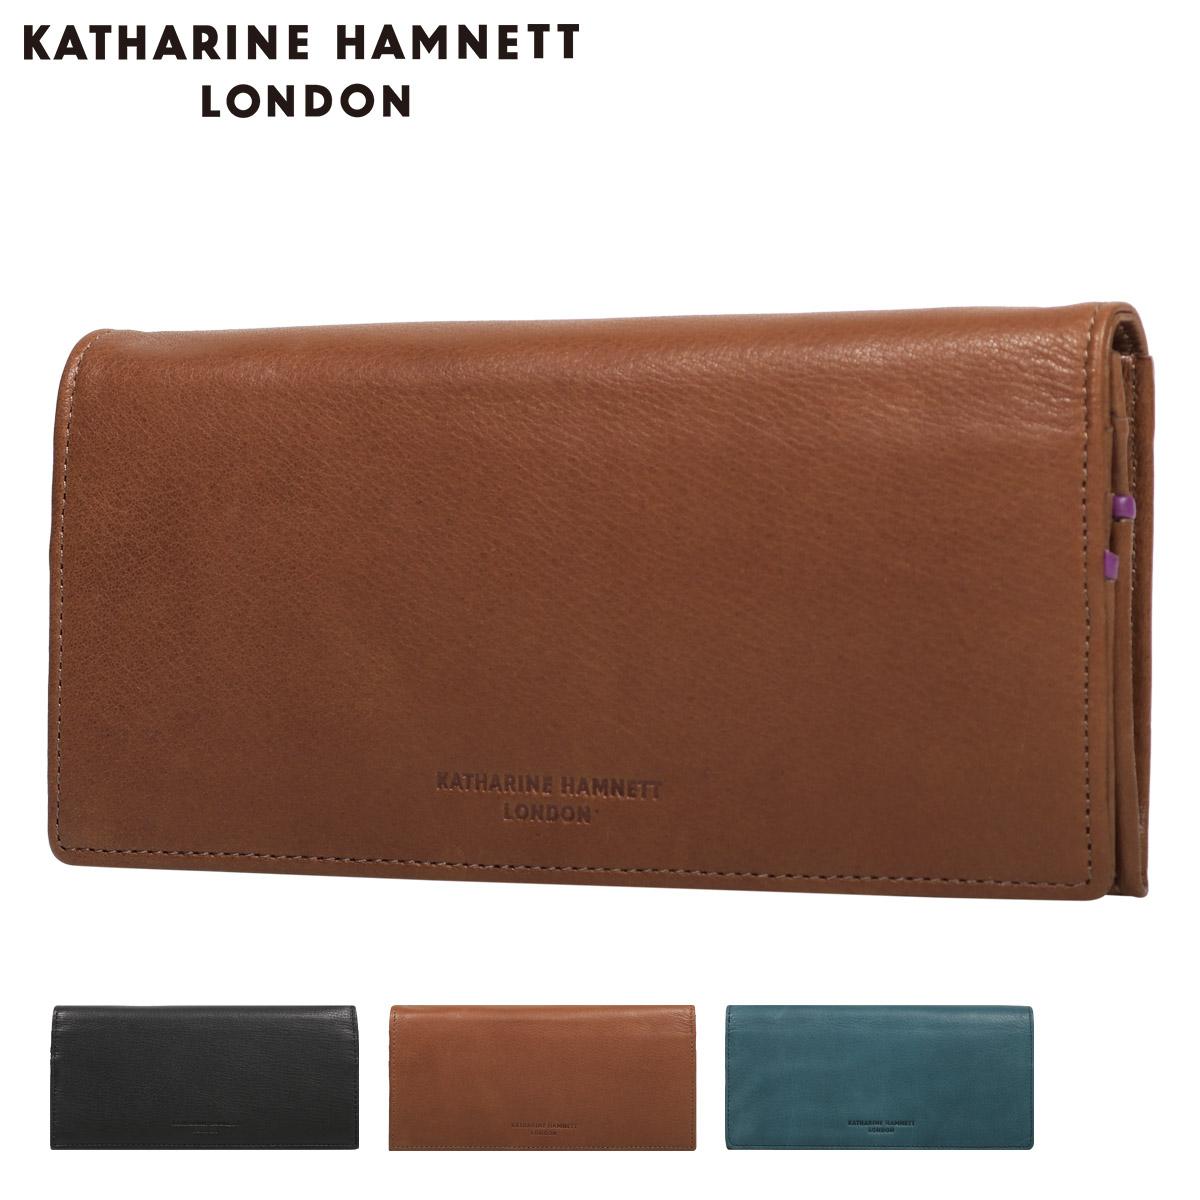 キャサリンハムネット 長財布 ソフト メンズ 490-57006 KATHARINE HAMNETT | 牛革 本革 レザー[PO10]